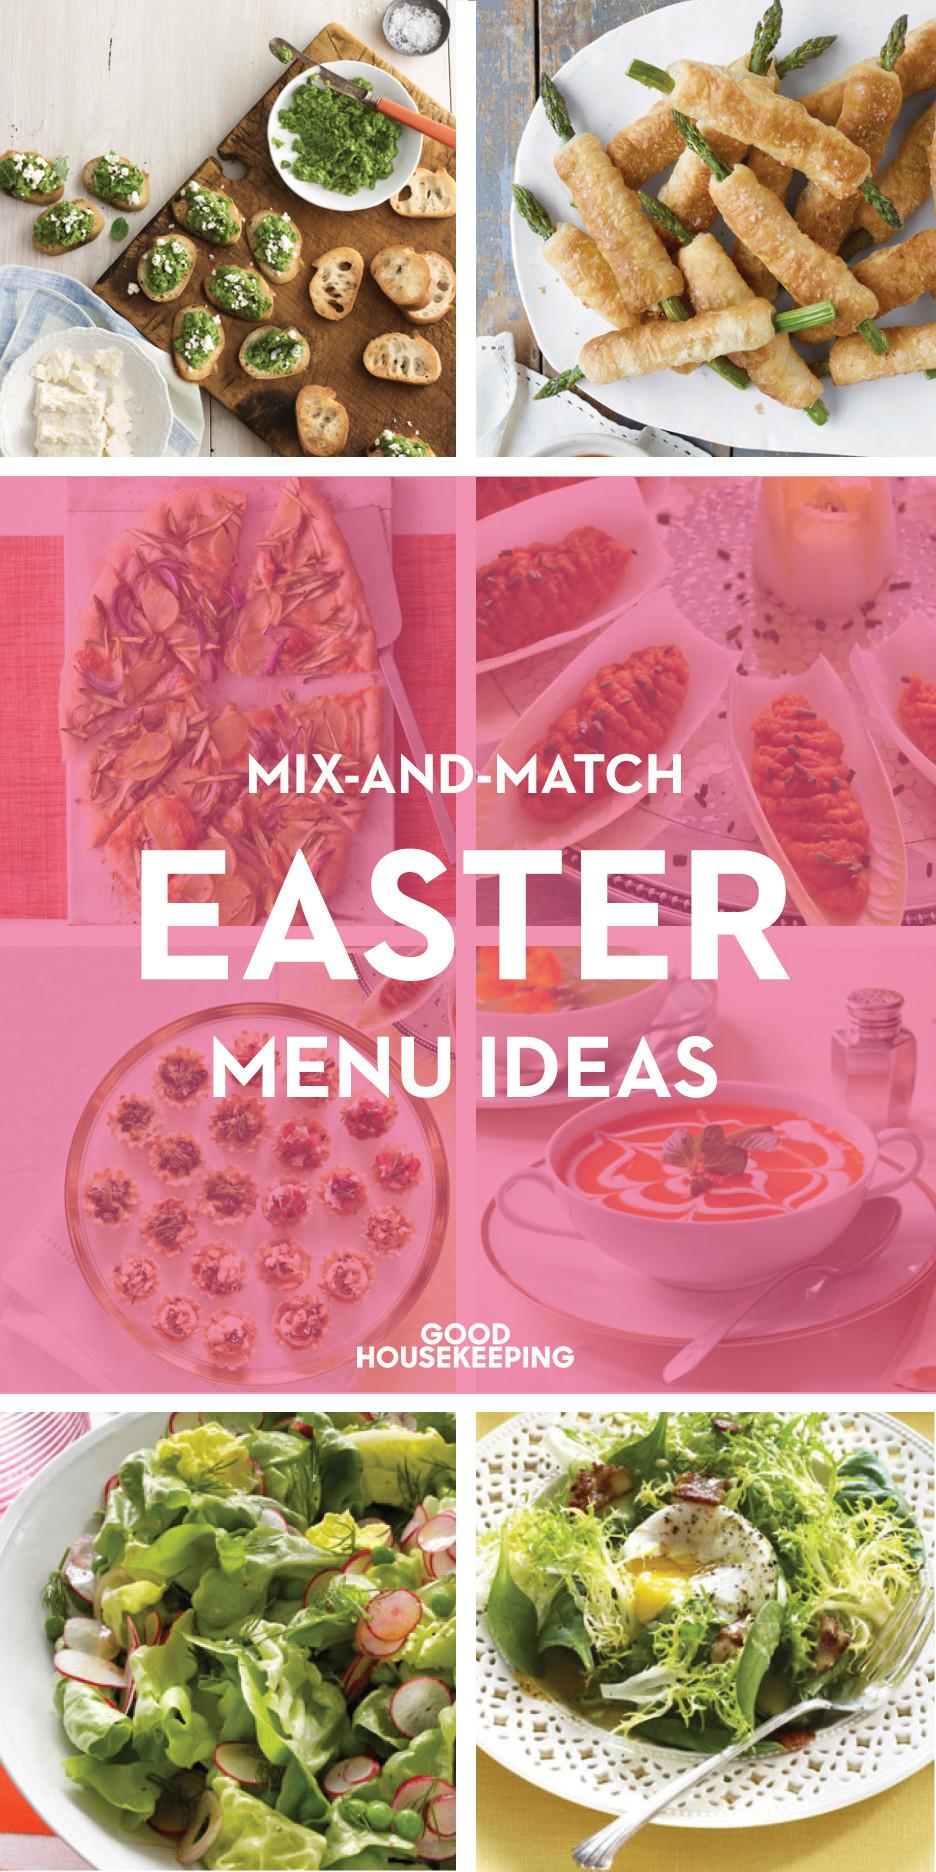 Easter Dinner Menus And Recipes  65 Easter Dinner Menu Ideas Easy Recipes for Easter Dinner